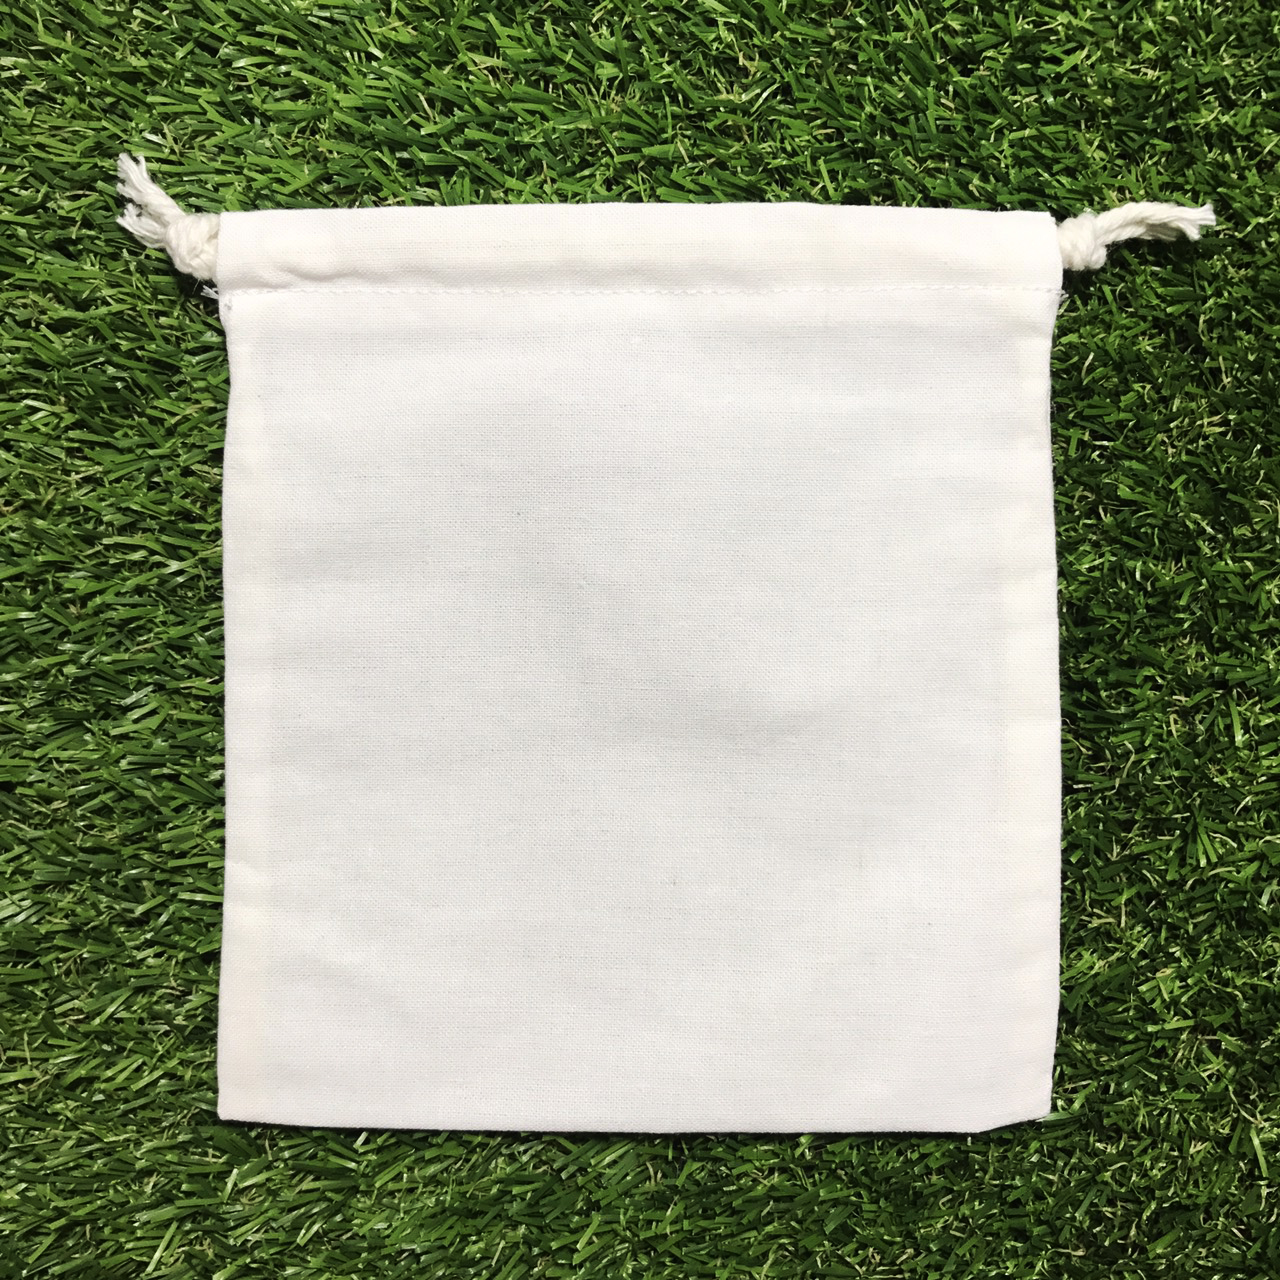 ถุงผ้าดิบเปล่า5*6นิ้ว แพค70ใบ